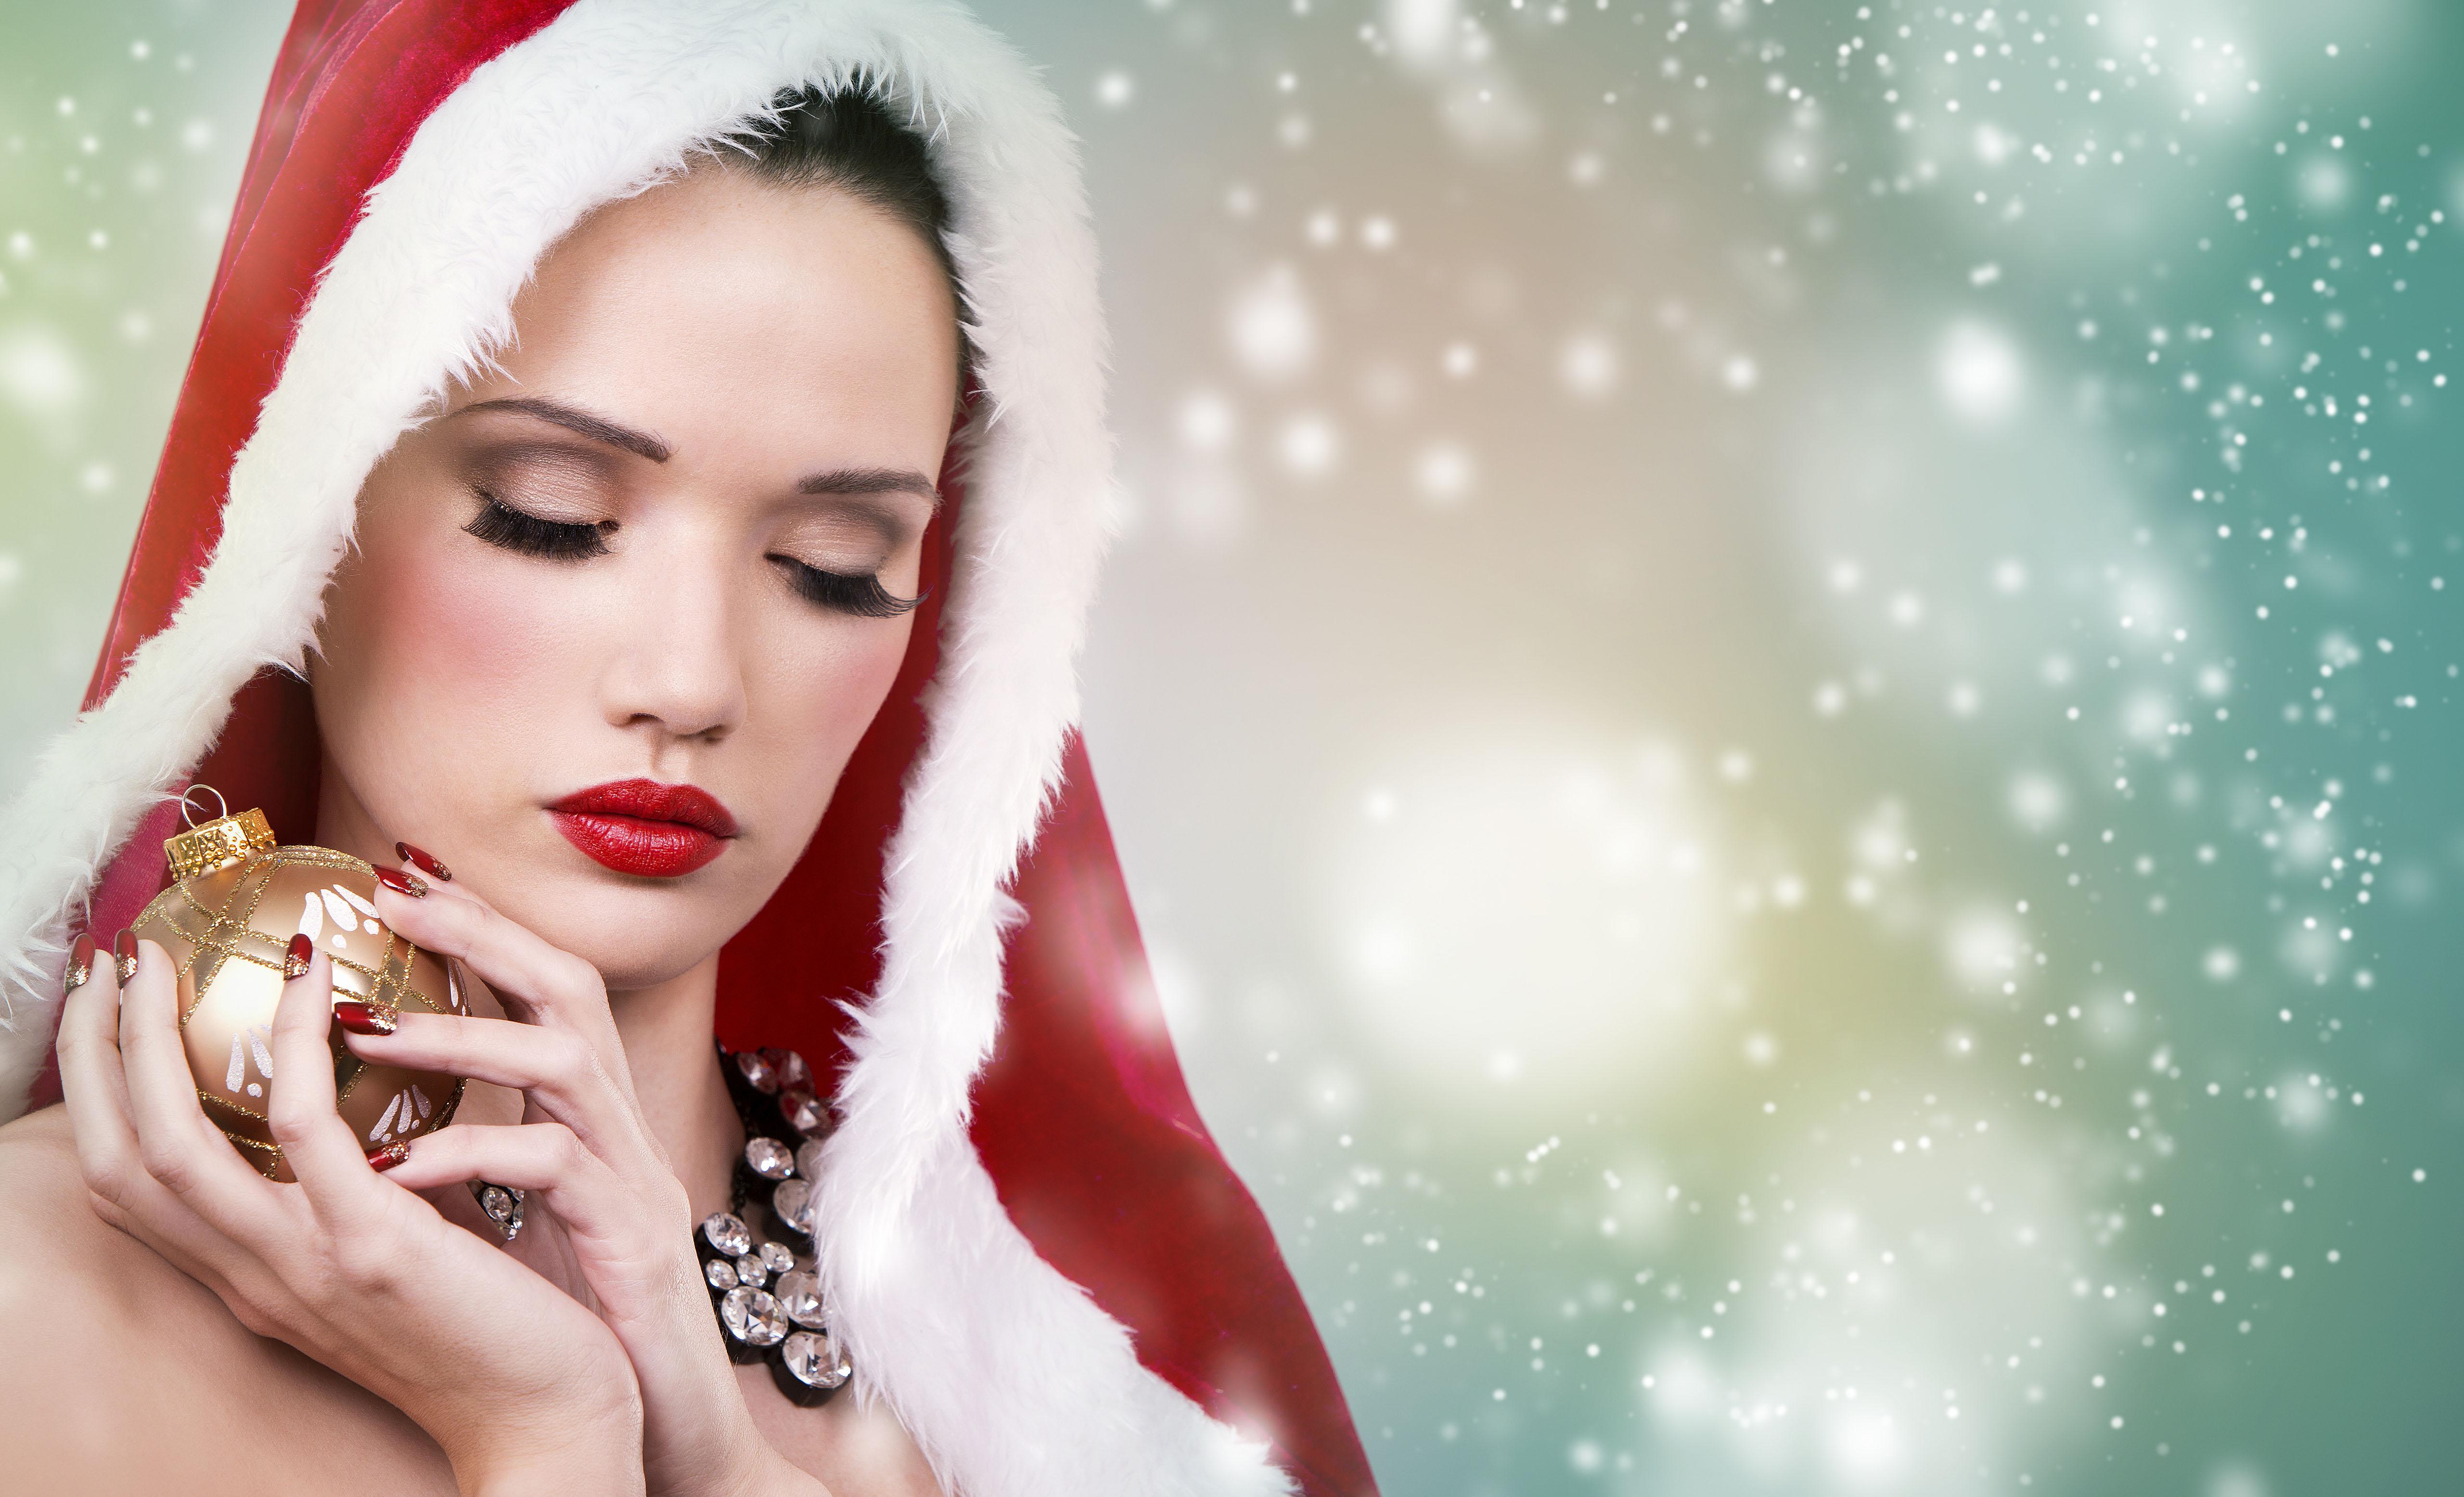 Красивая снегурочка на Новый Год, новогодние обои 2019, 5k ultra hd, 5120 на 3110 пикселей